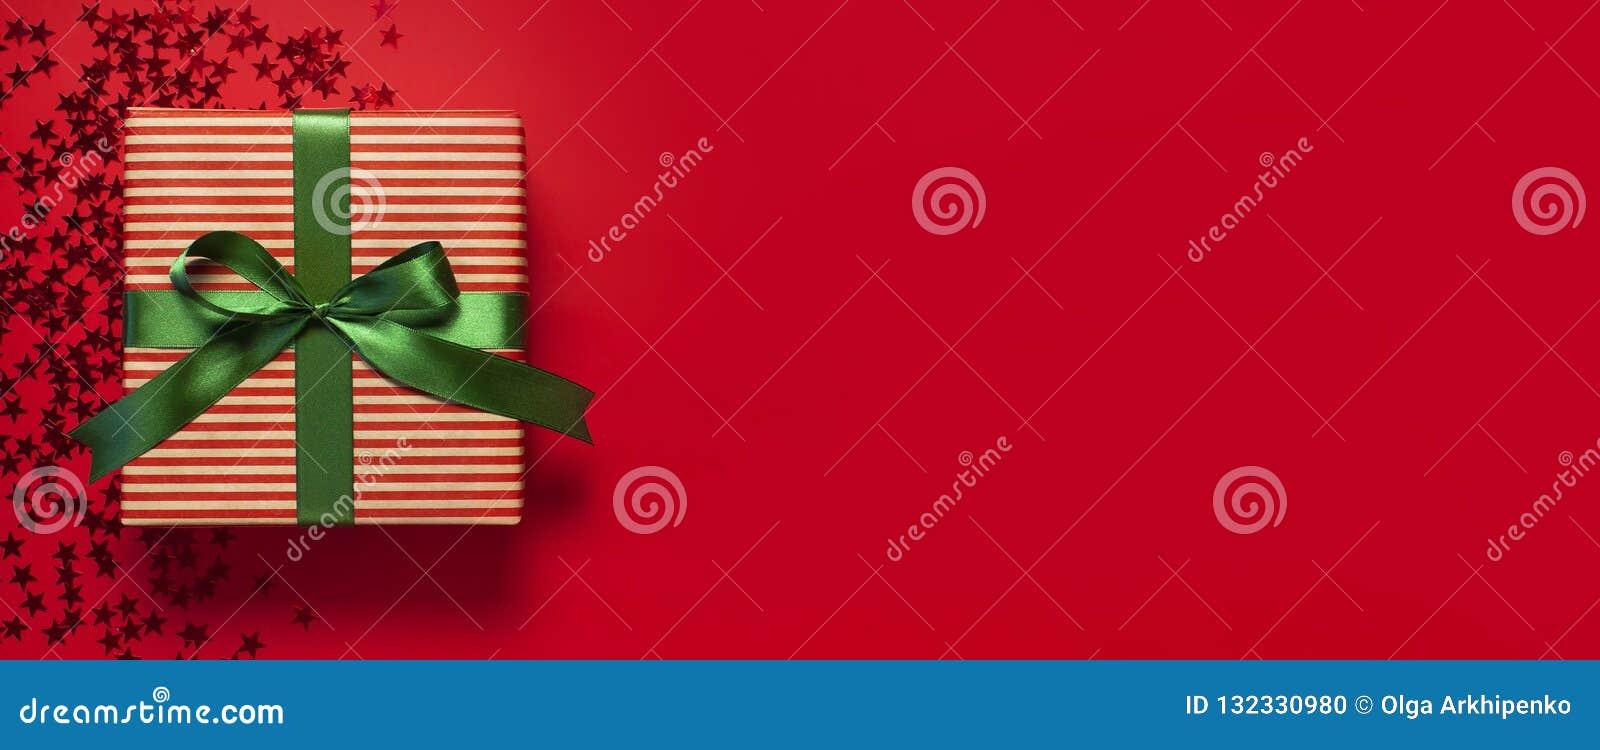 有绿色丝带和星的全息照相的闪烁五彩纸屑形式的礼物盒在红色背景顶视图平的位置的 假日概念,